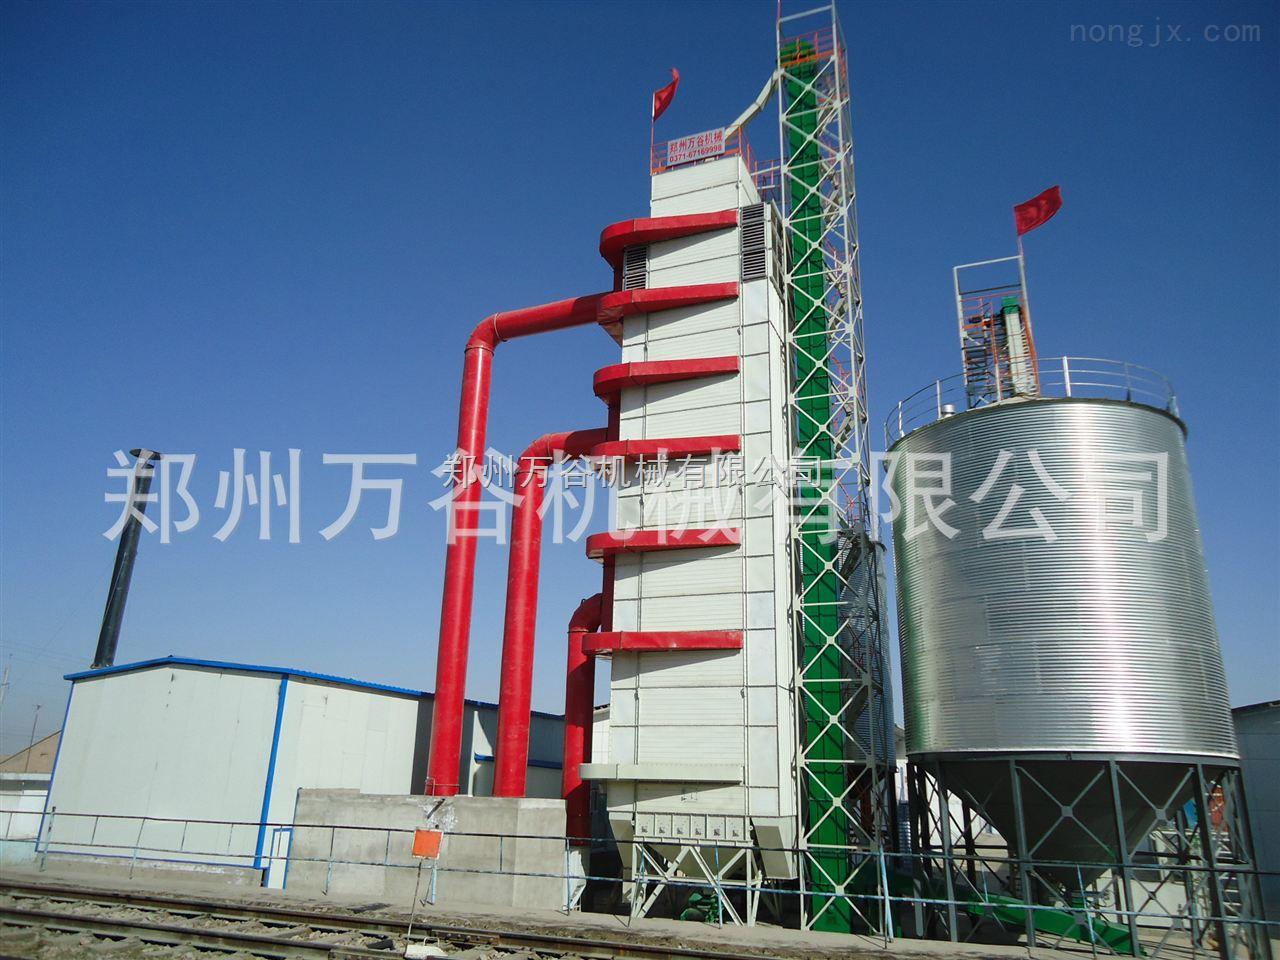 甘肃玉米烘干机  玉米干燥机   河南省工业节能产品